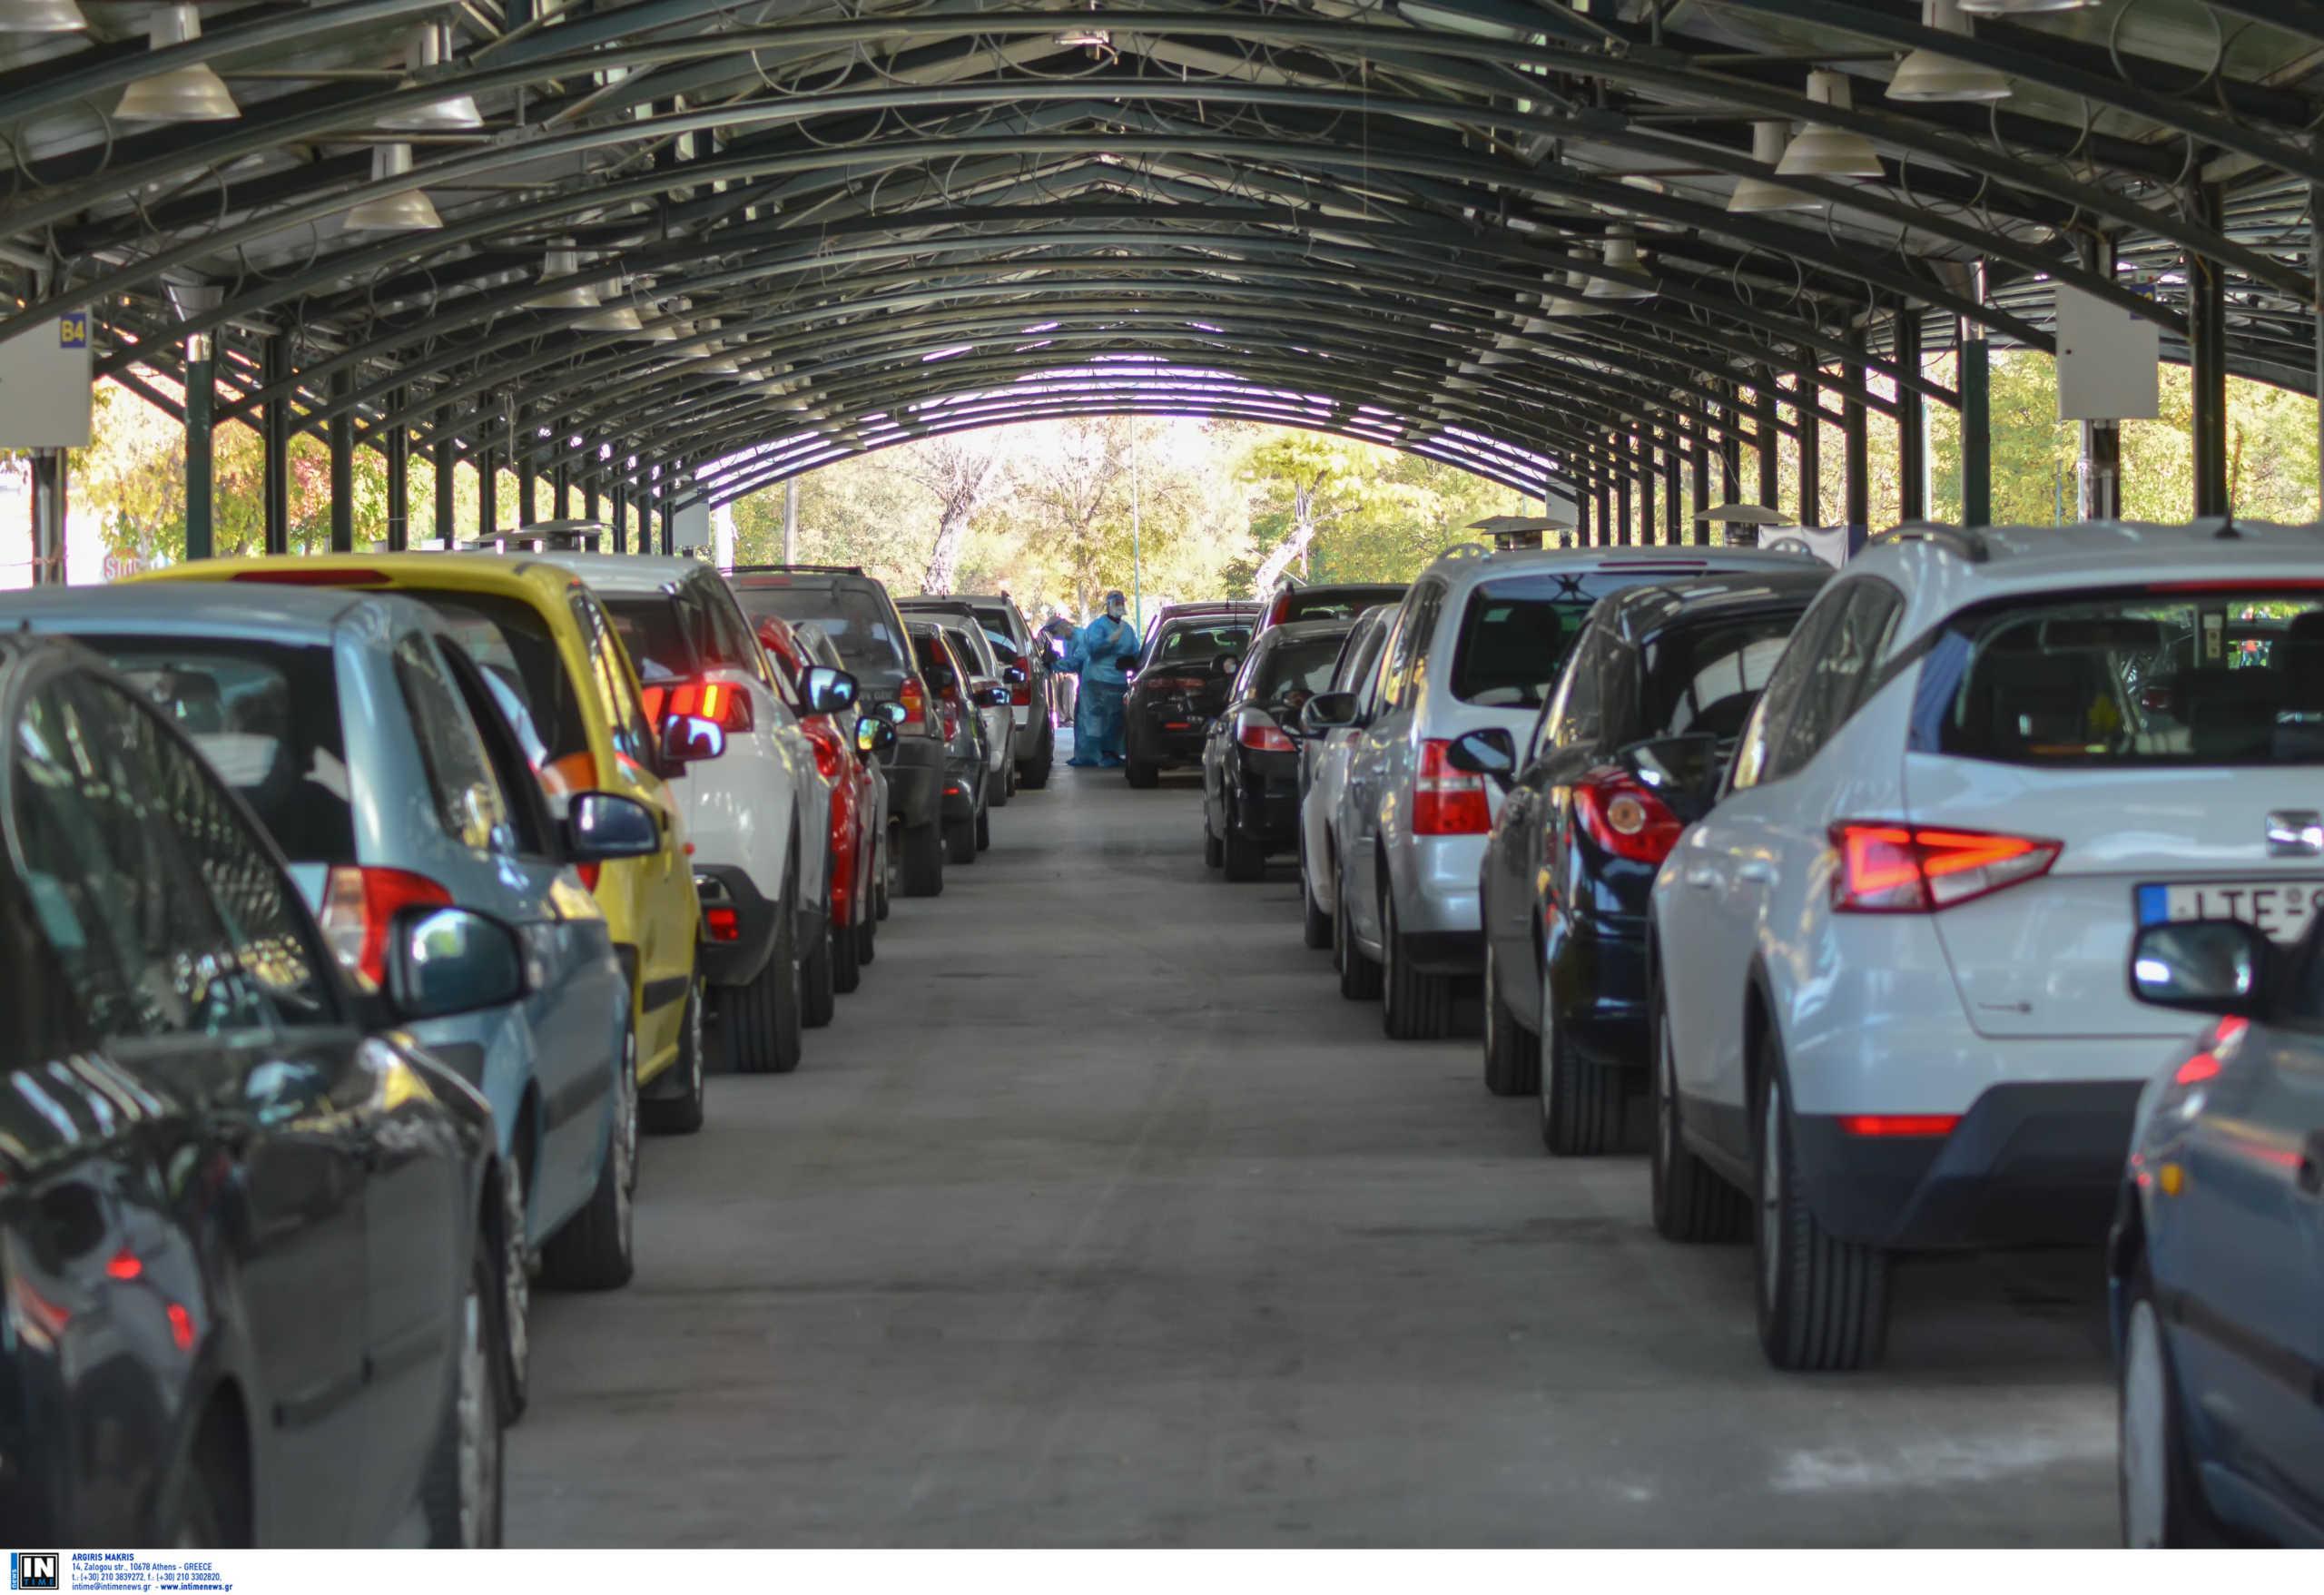 ΕΟΔΥ: Σε αυτές τις 5 πόλεις γίνονται σήμερα drive through τεστ για τον κορονοϊό